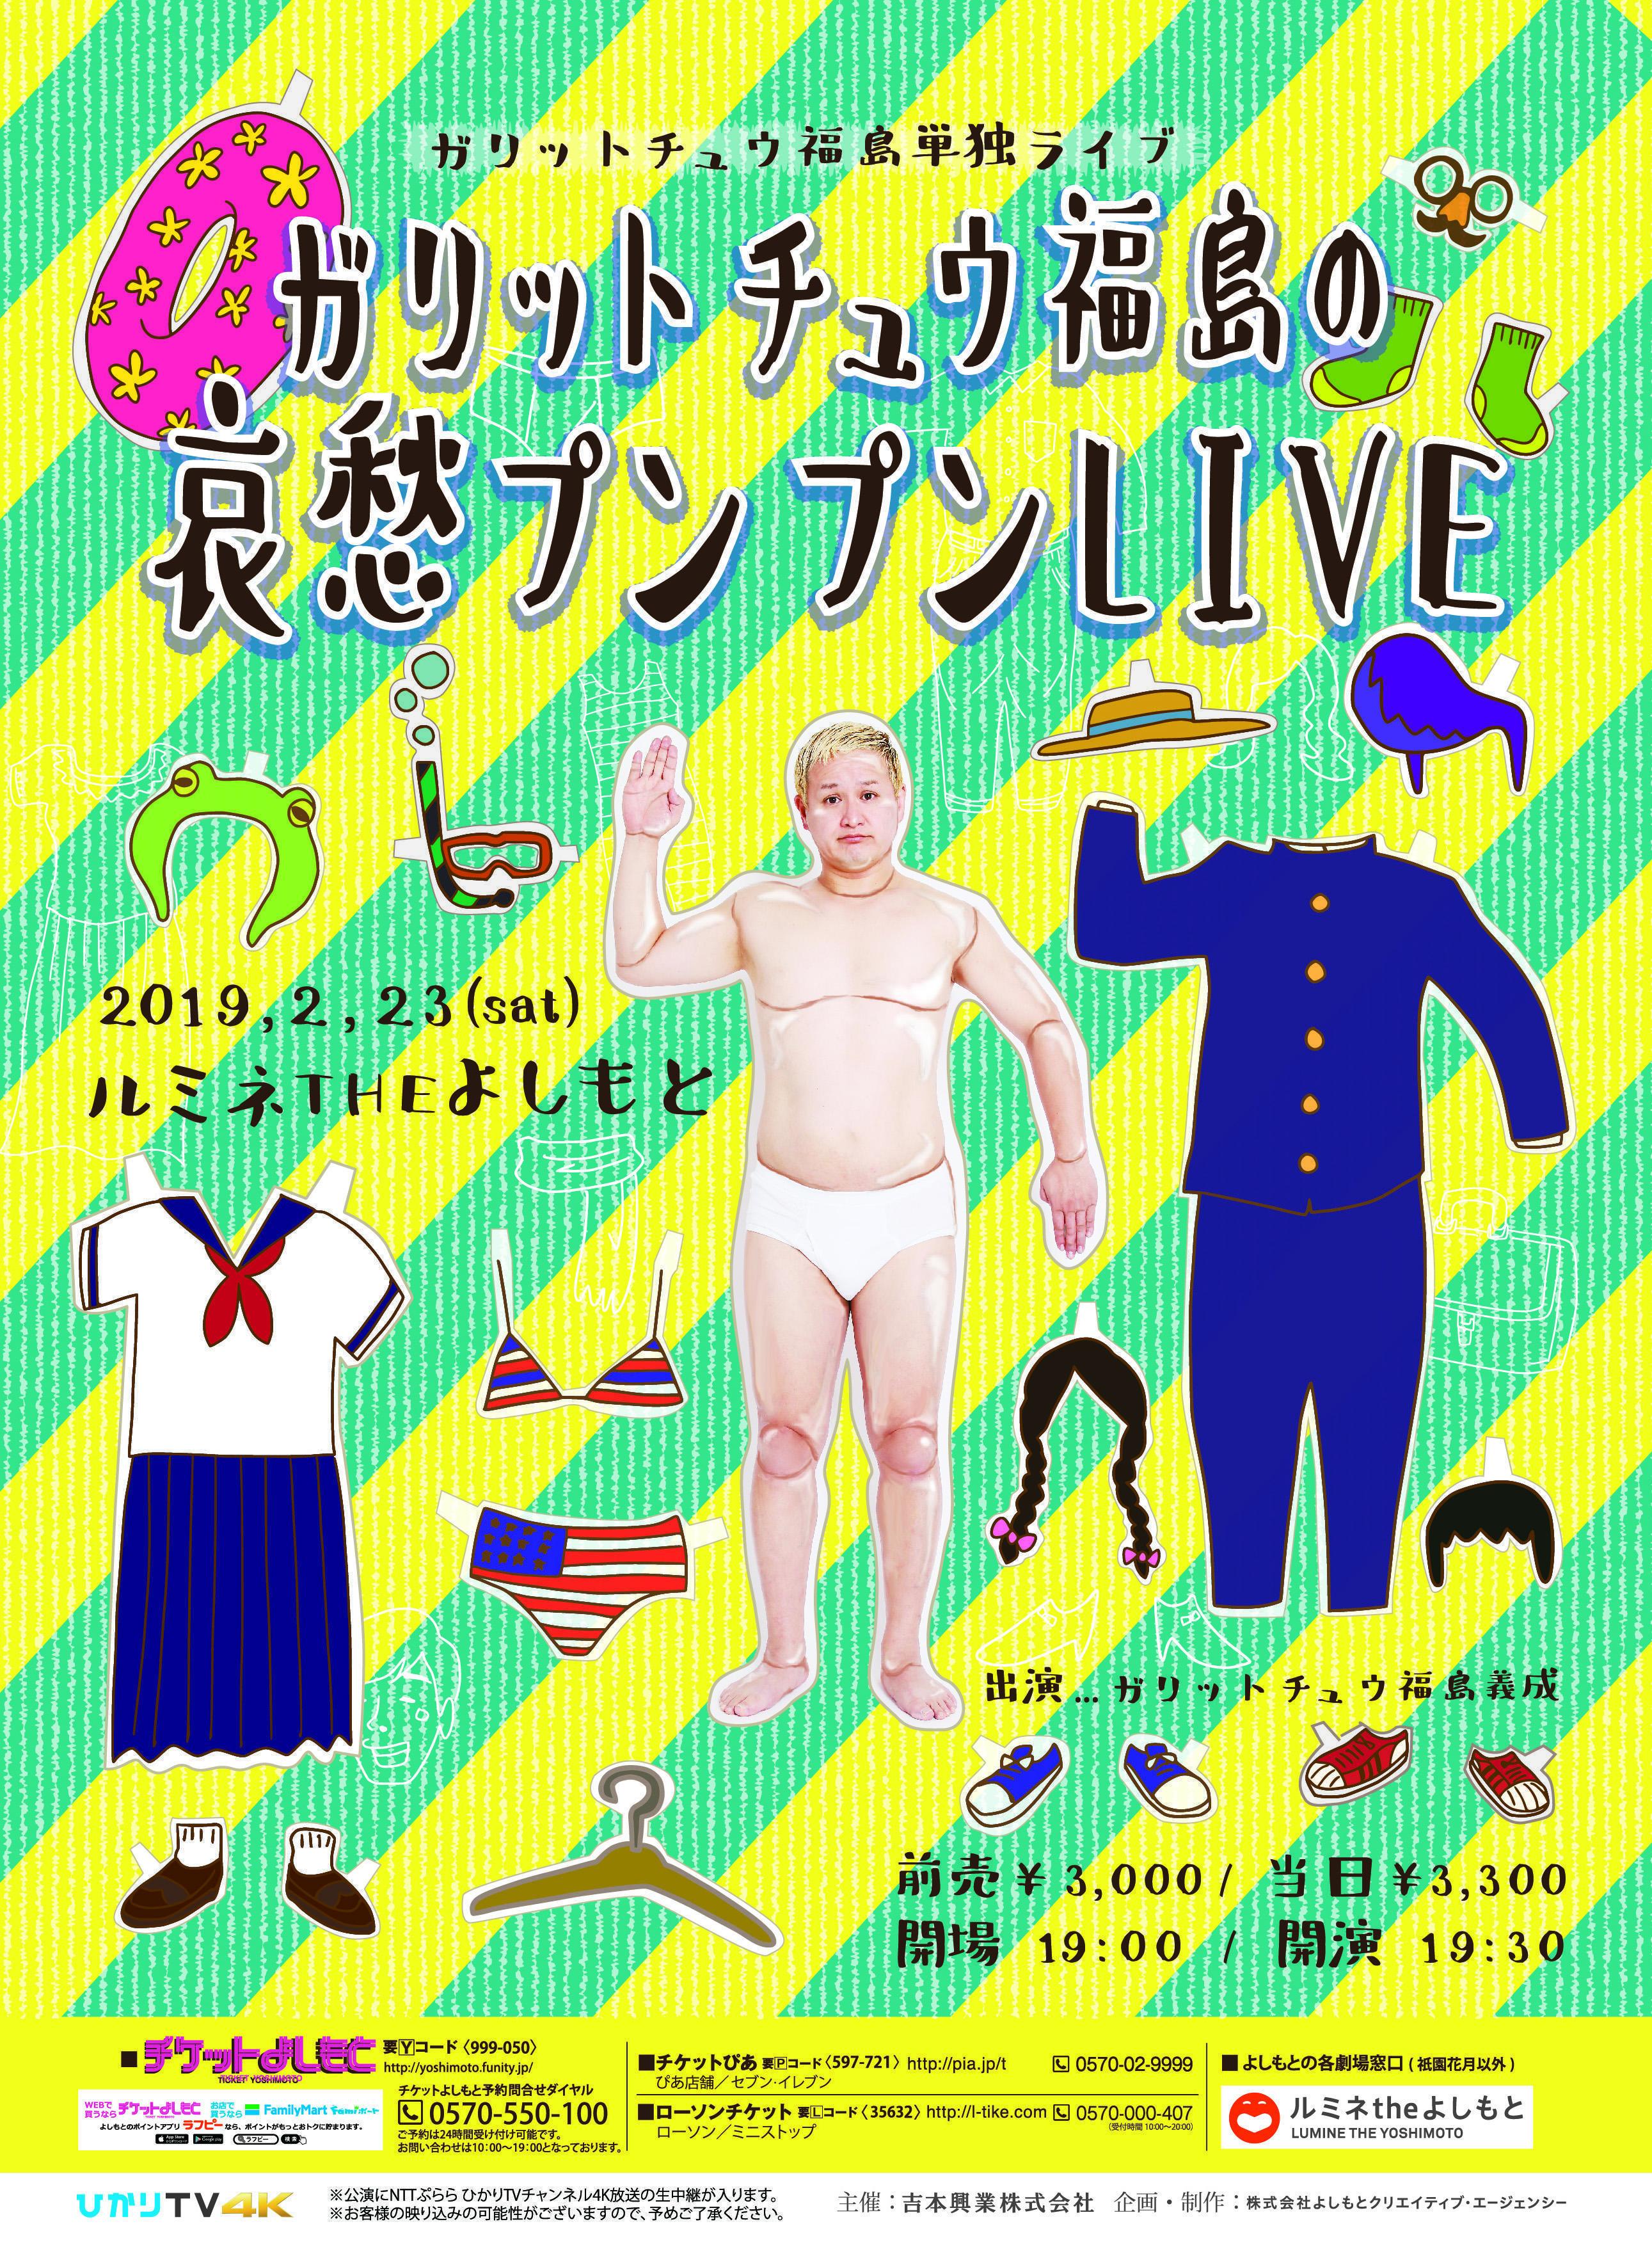 http://news.yoshimoto.co.jp/20190128134510-dd7b1343719fe70bab81e8c69e38a97f914b3a33.jpg